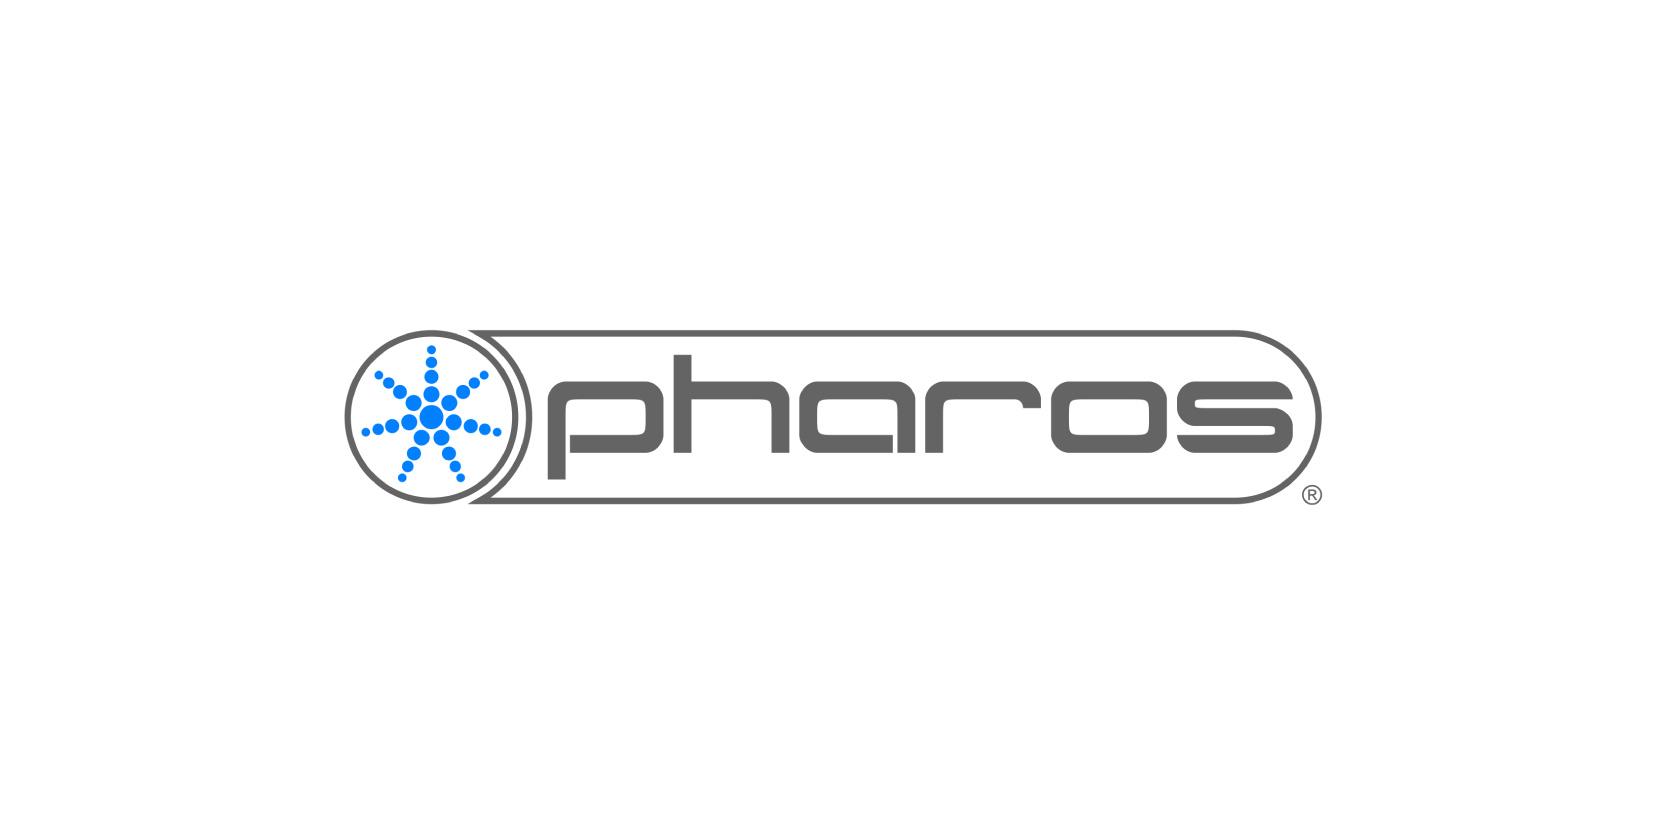 Pharos company logo